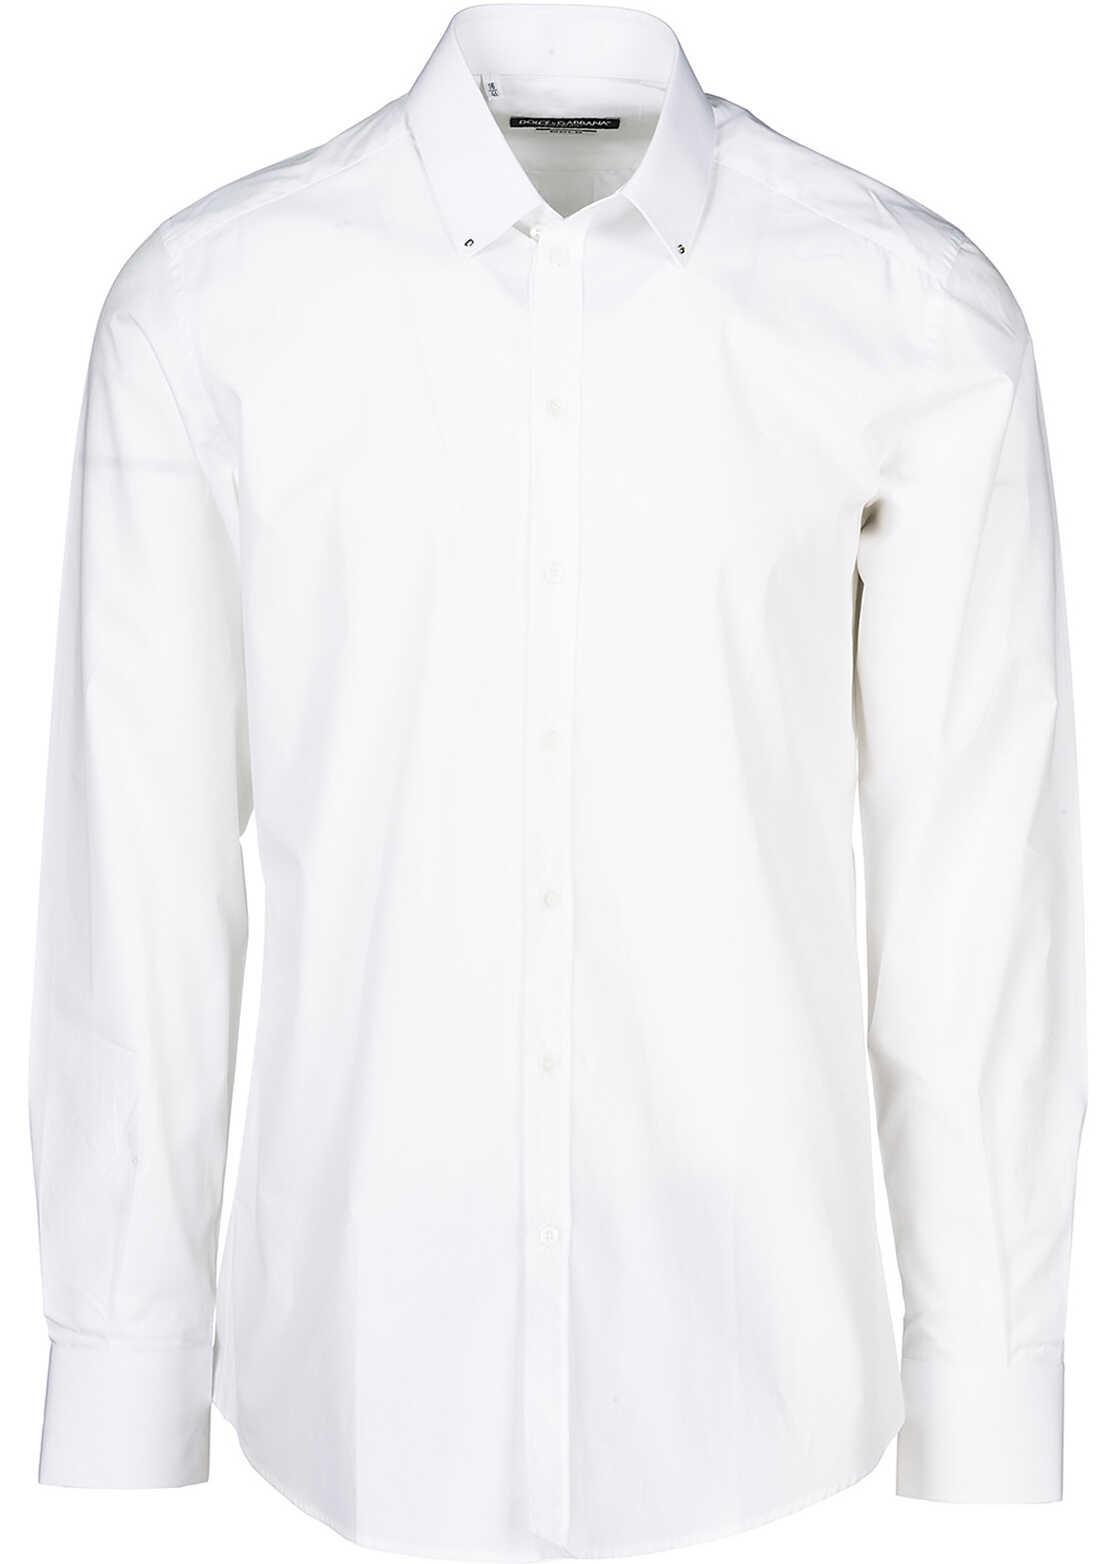 Dolce & Gabbana Dress Shirt White